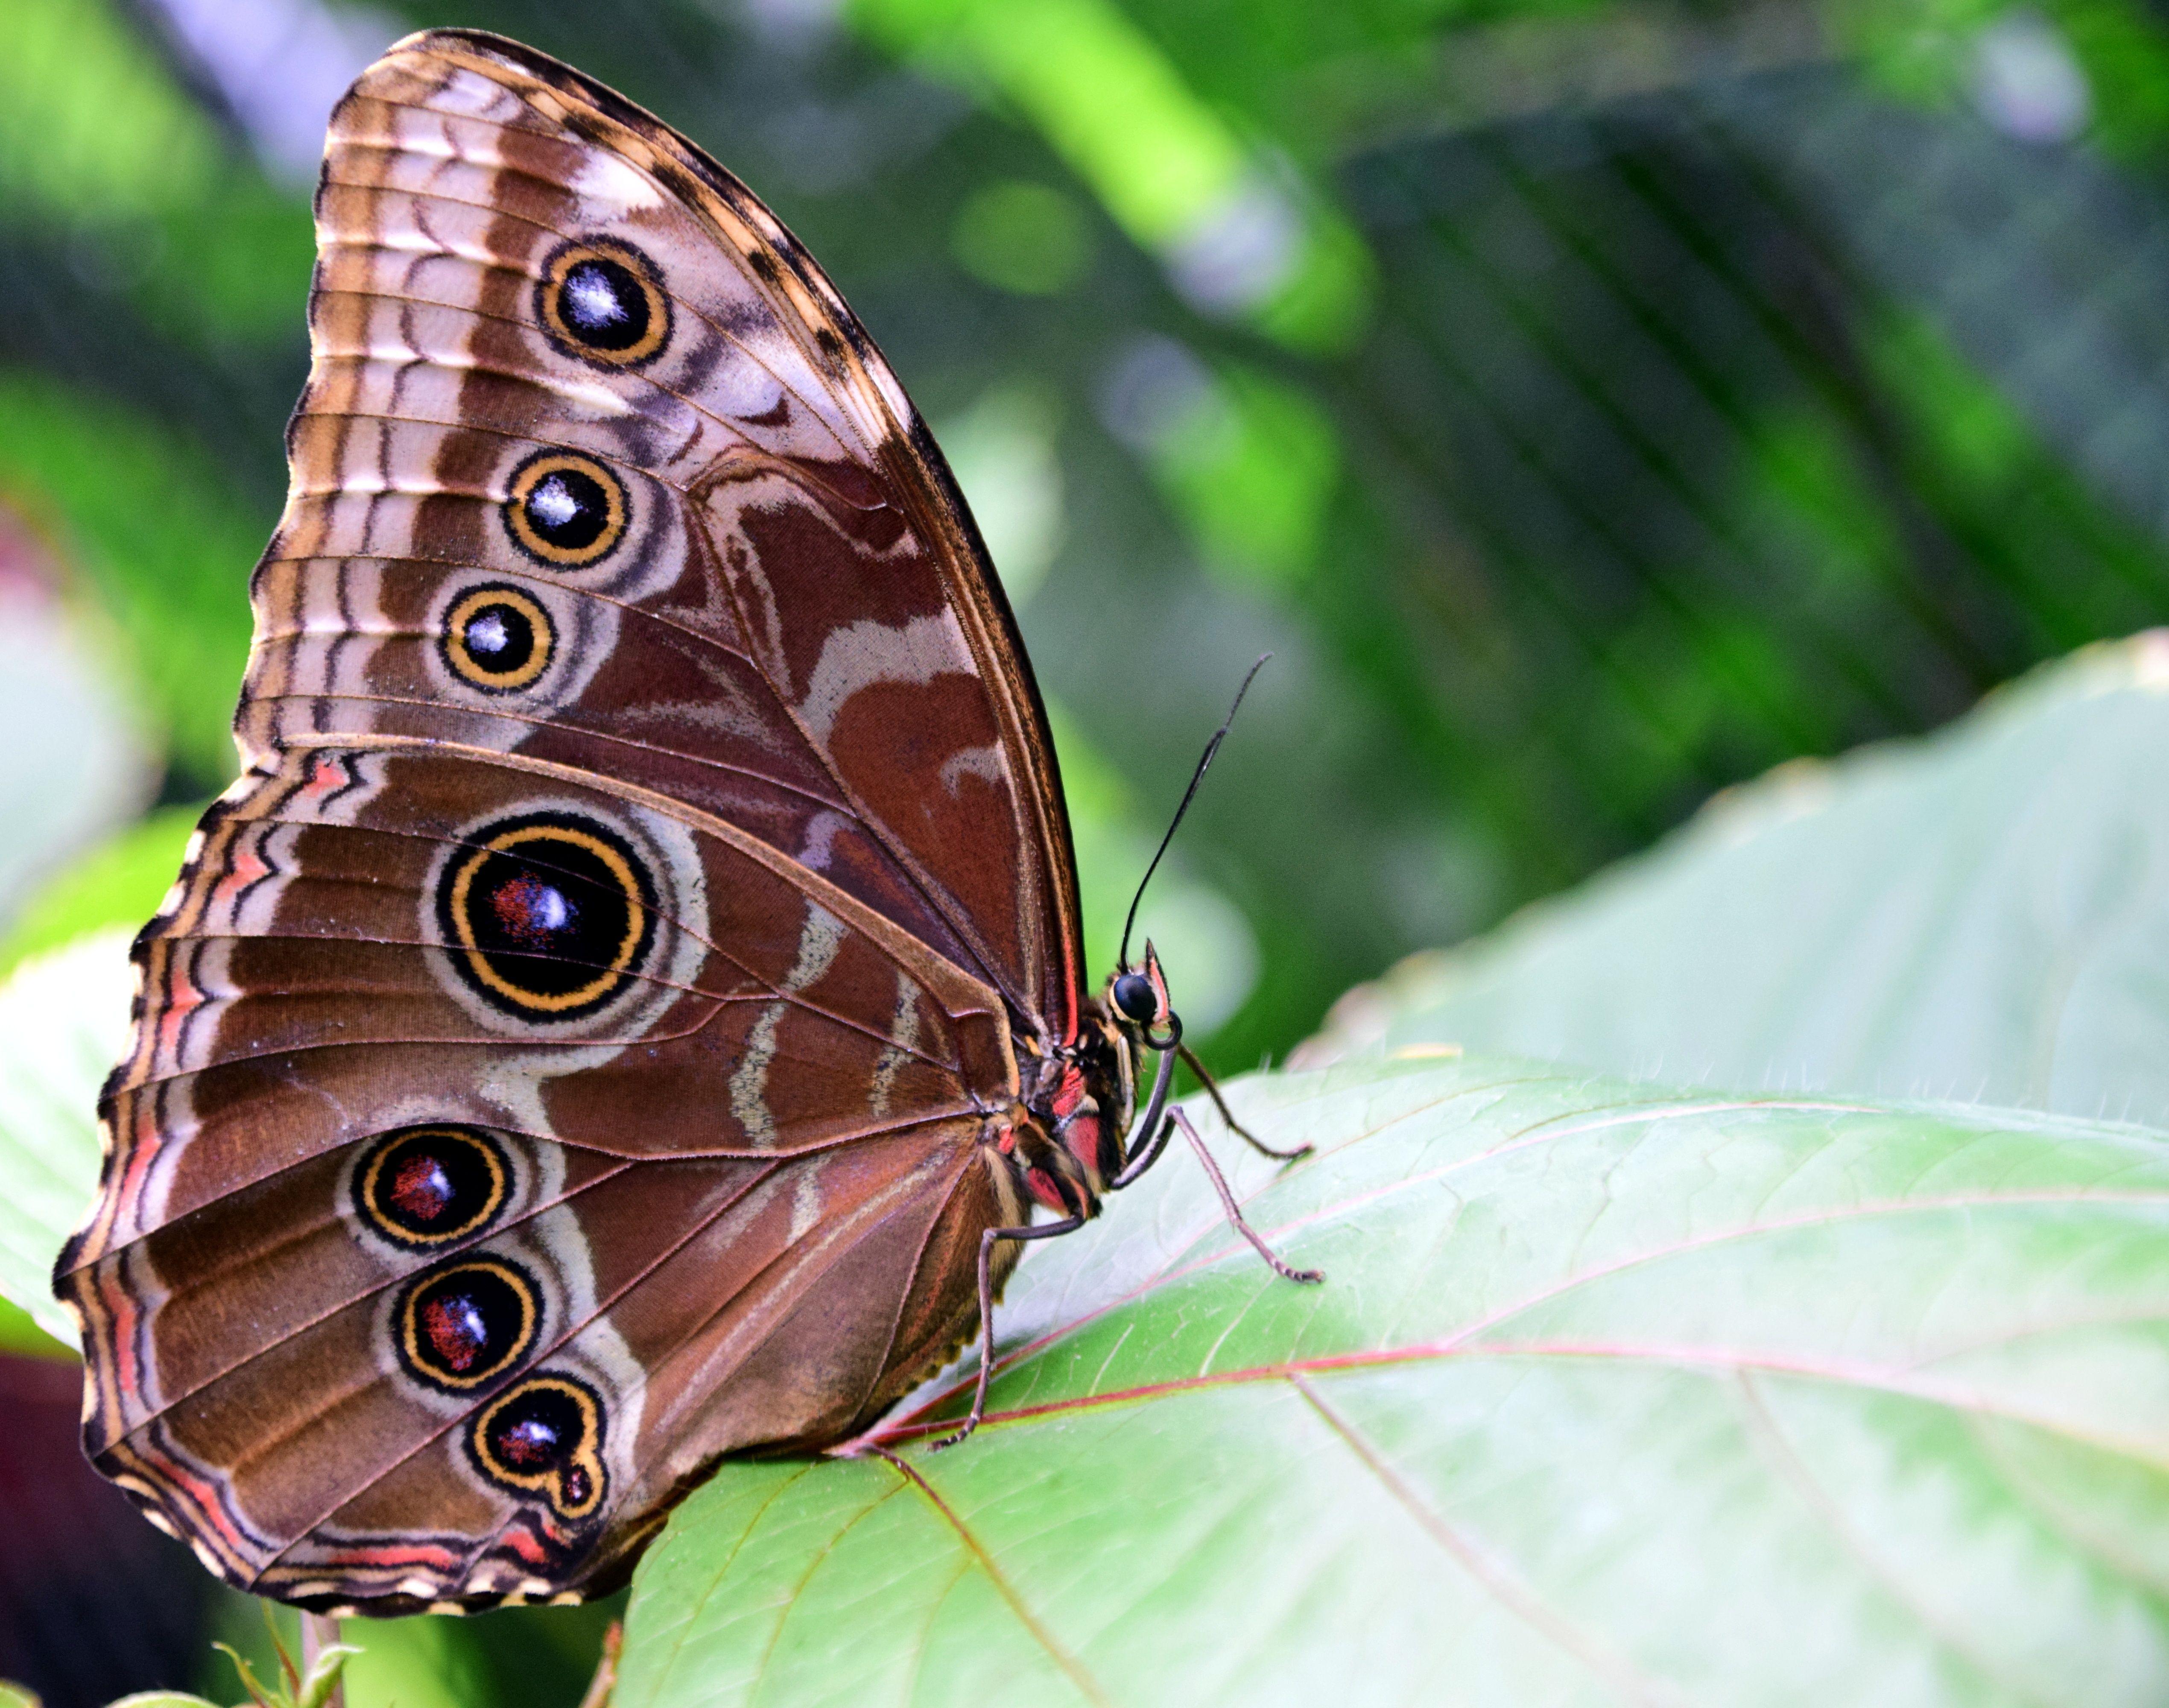 morpho peleides butterfly closeup